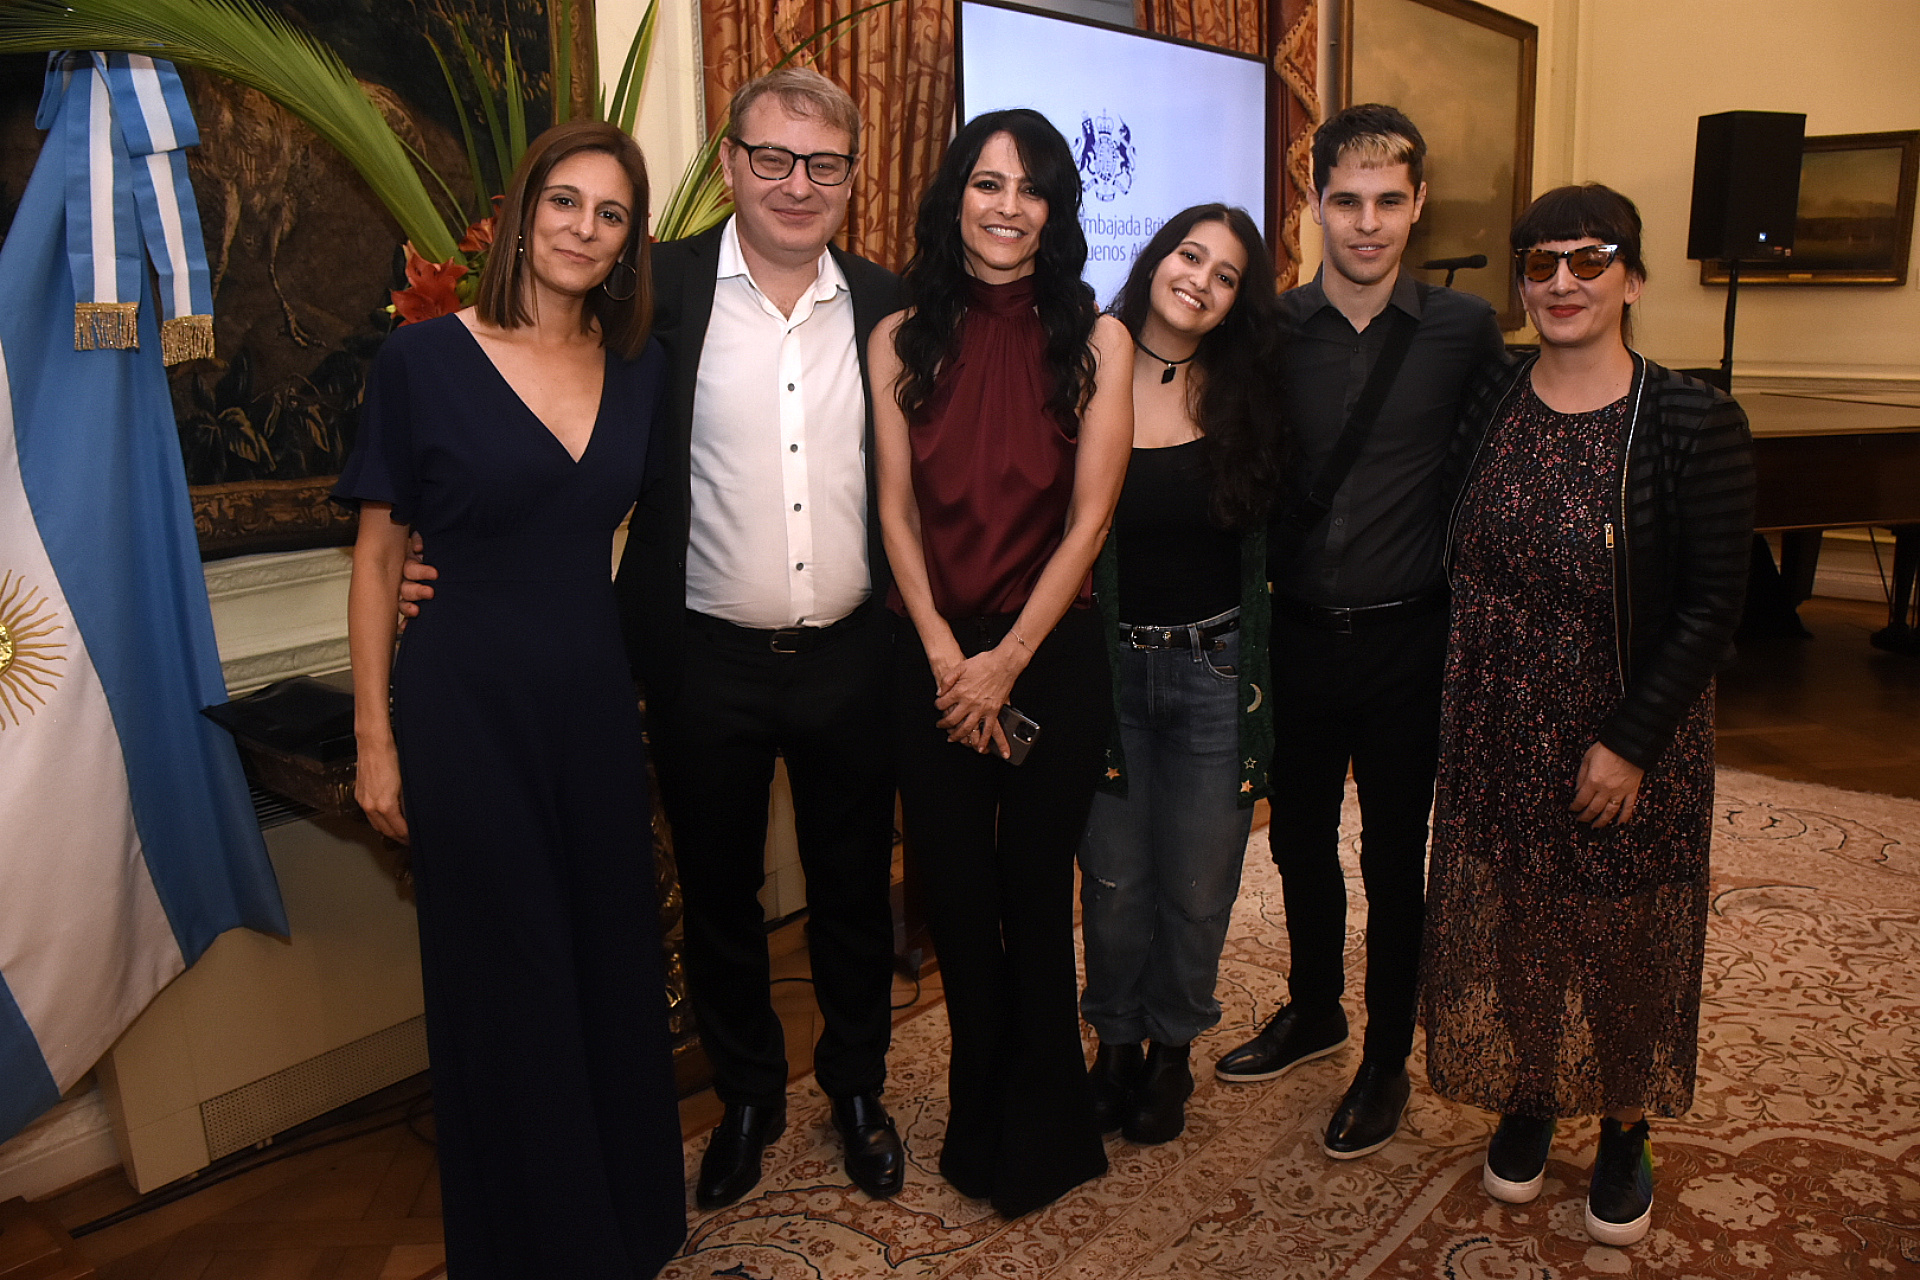 El productor y guionista Axel Kuschevatzky es uno de los ejecutivos cinematográficos más importantes de habla hispana. Produjo películas aclamadas por la crítica y el público, como la ganadora del Premio Óscar a la mejor película extranjera en 2009,